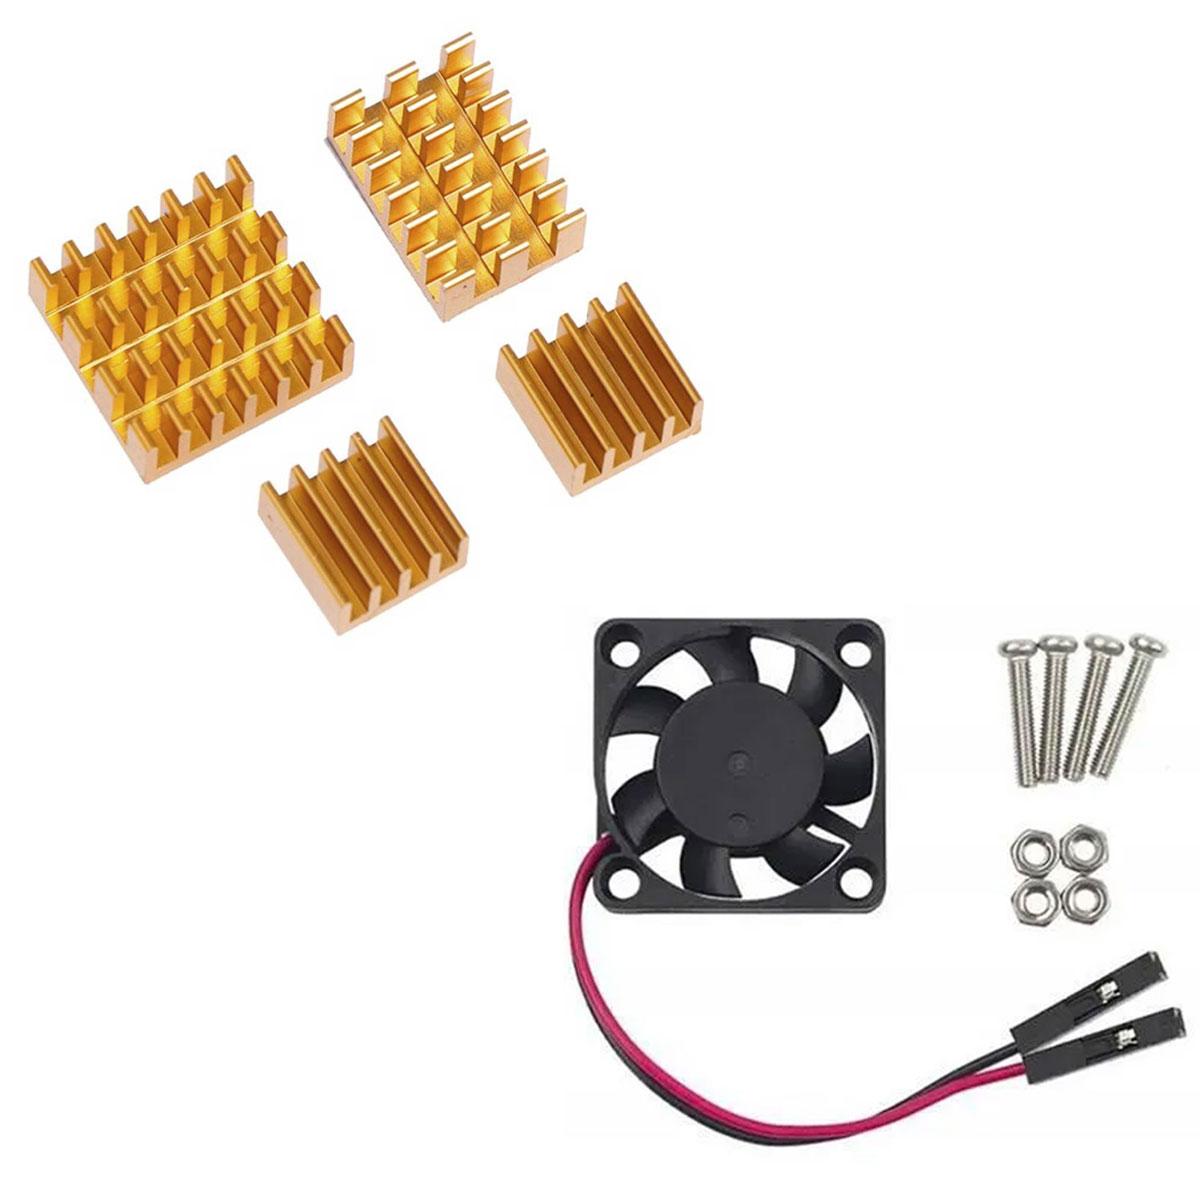 Mini Cooler 30 x 30 x 7mm 5v + 4 Dissipadores para Raspberry Pi 4